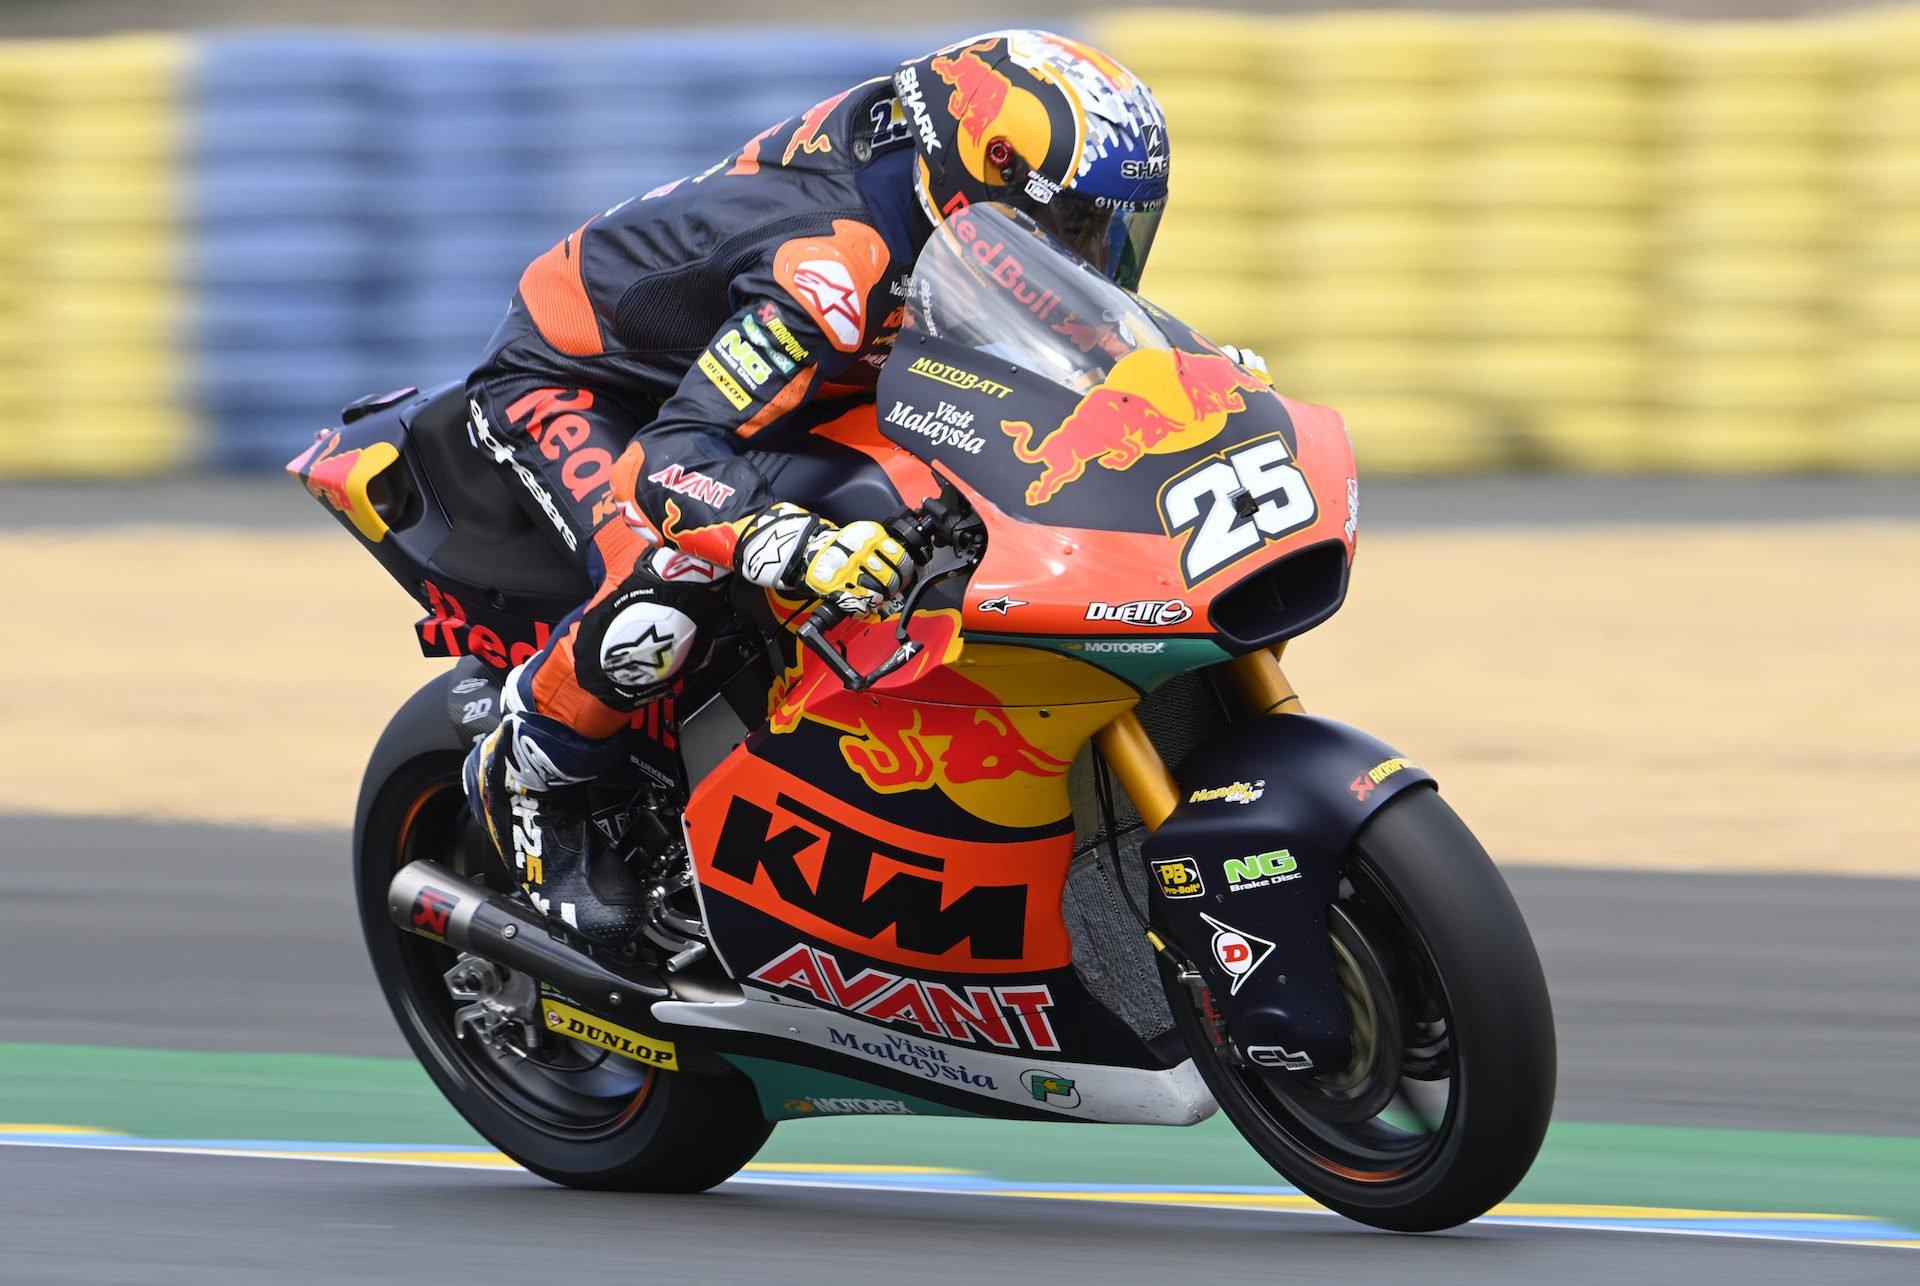 """Francia. Primera pole para Raúl Fernández en Moto2: """"ayer se me dió fatal"""". Clasificación y declaraciones"""